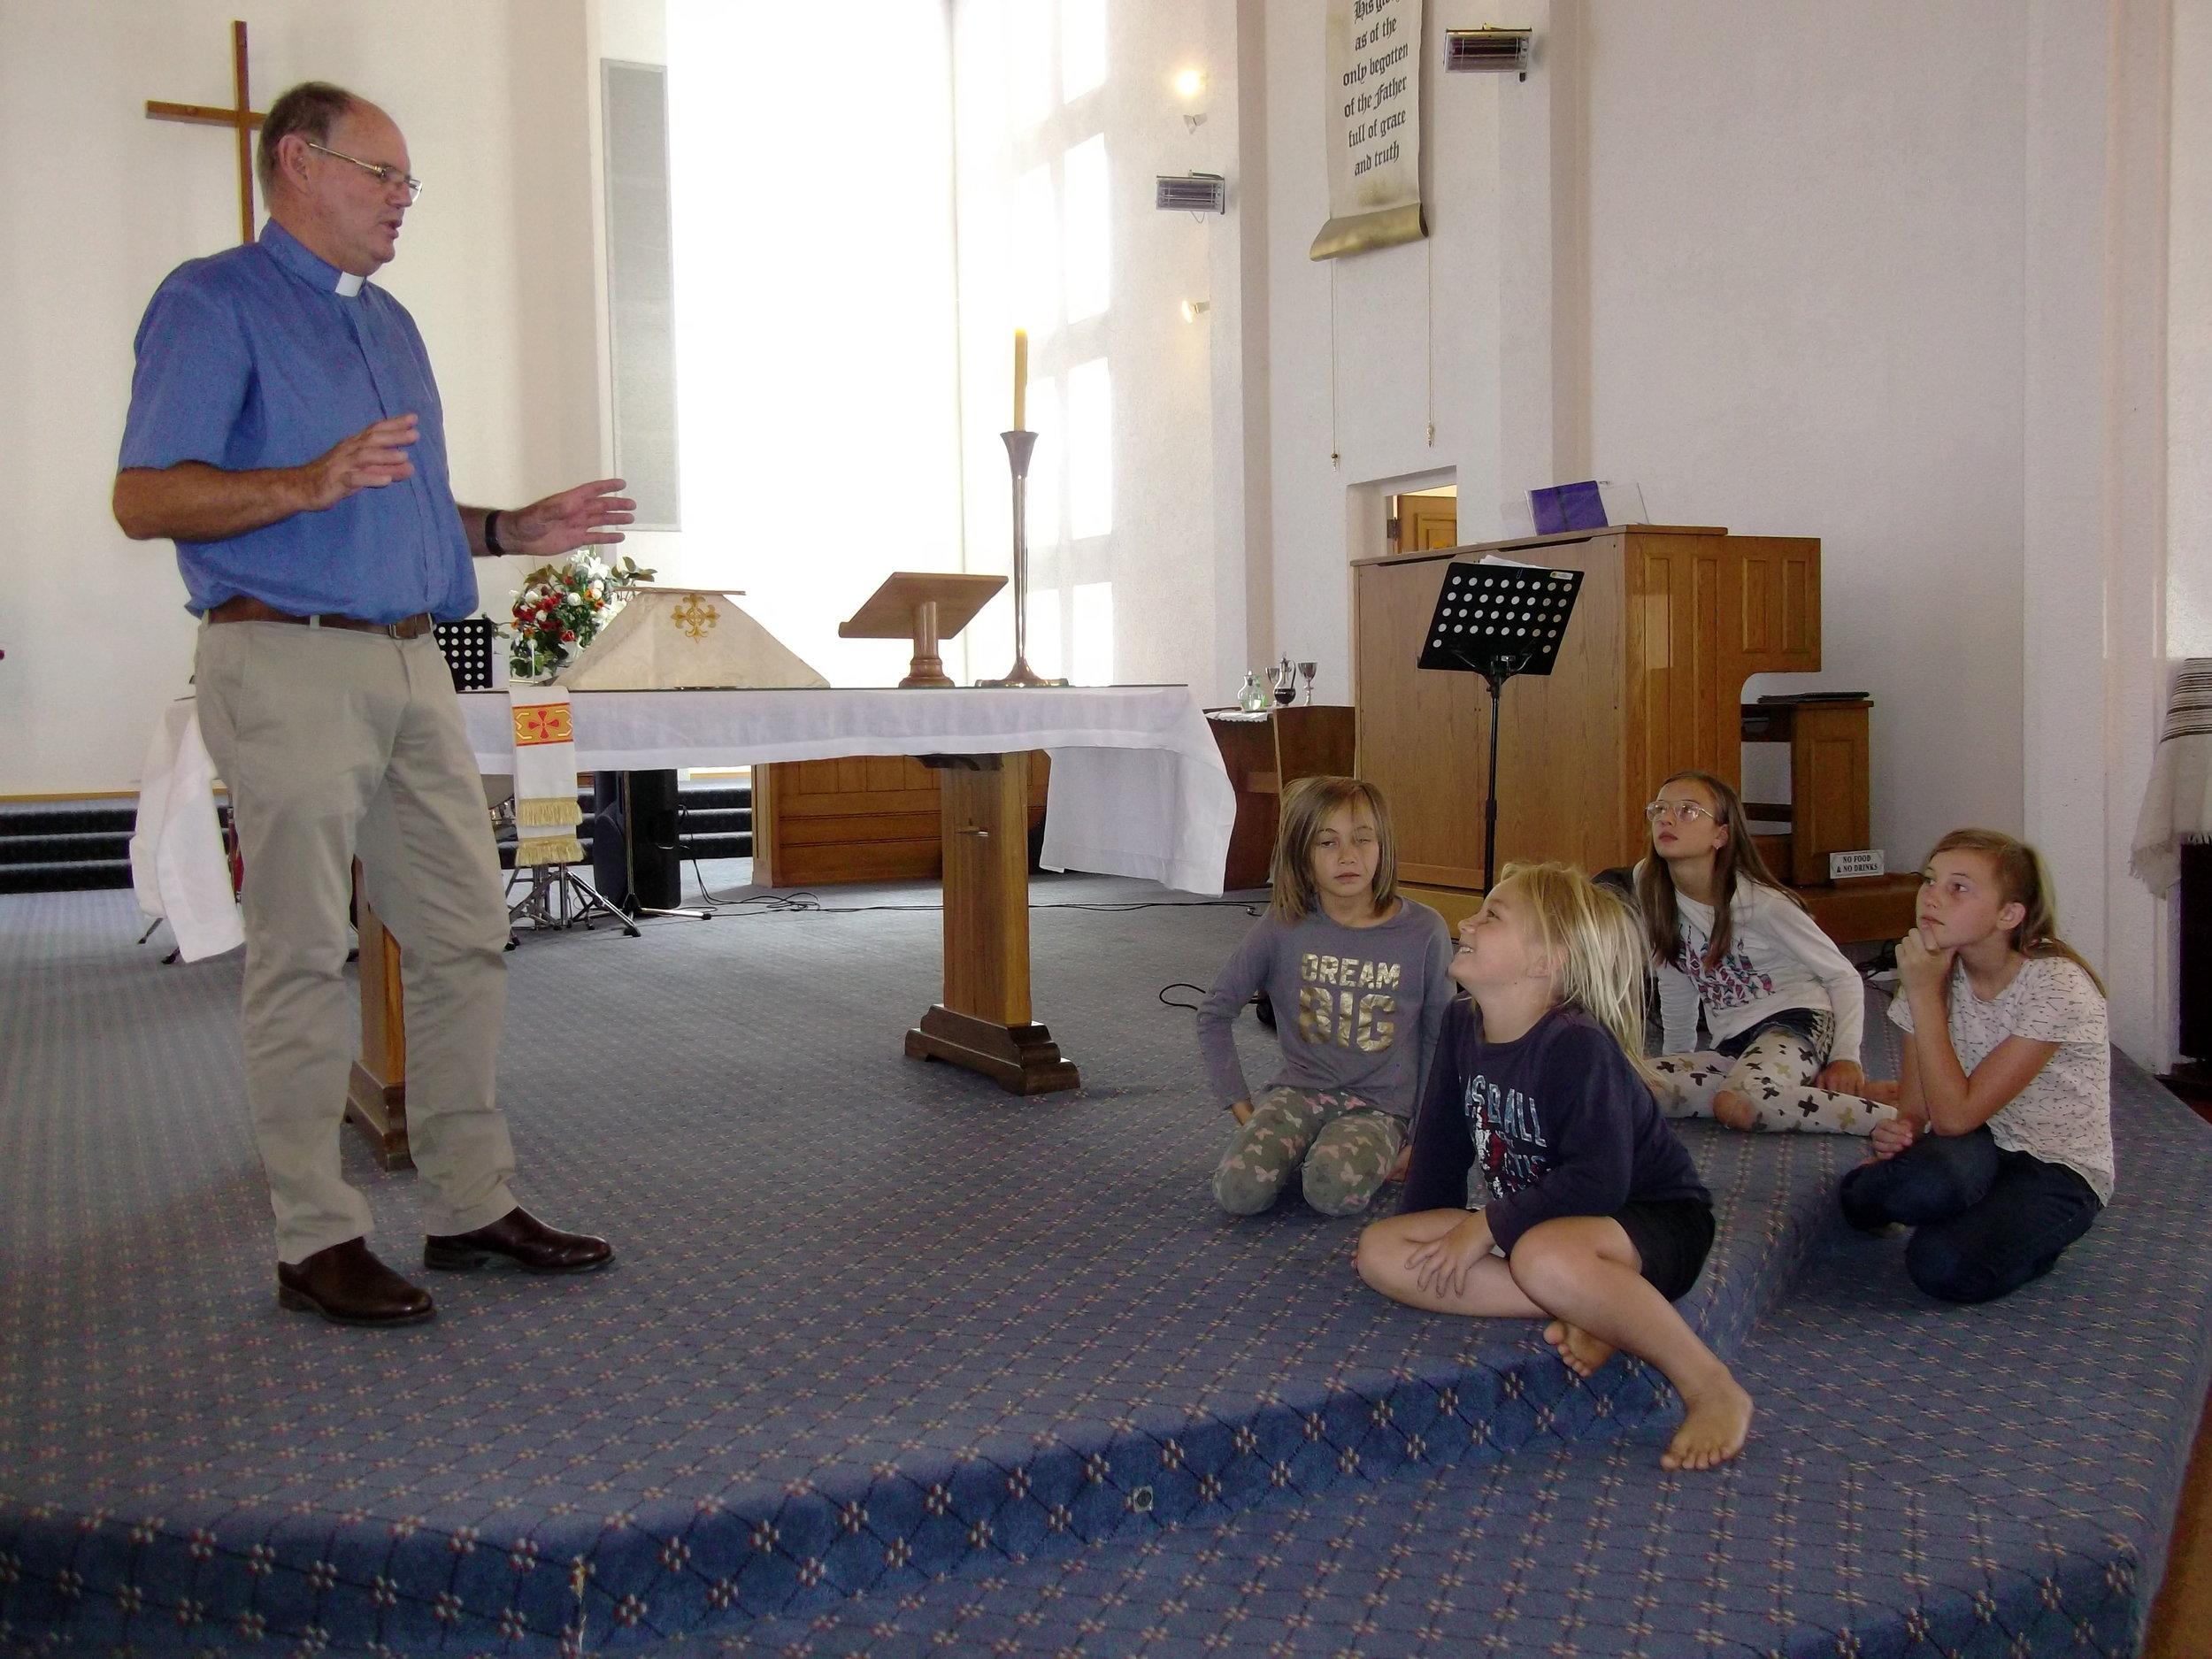 b 3-2-19 Steve Thomson & children (2).jpg